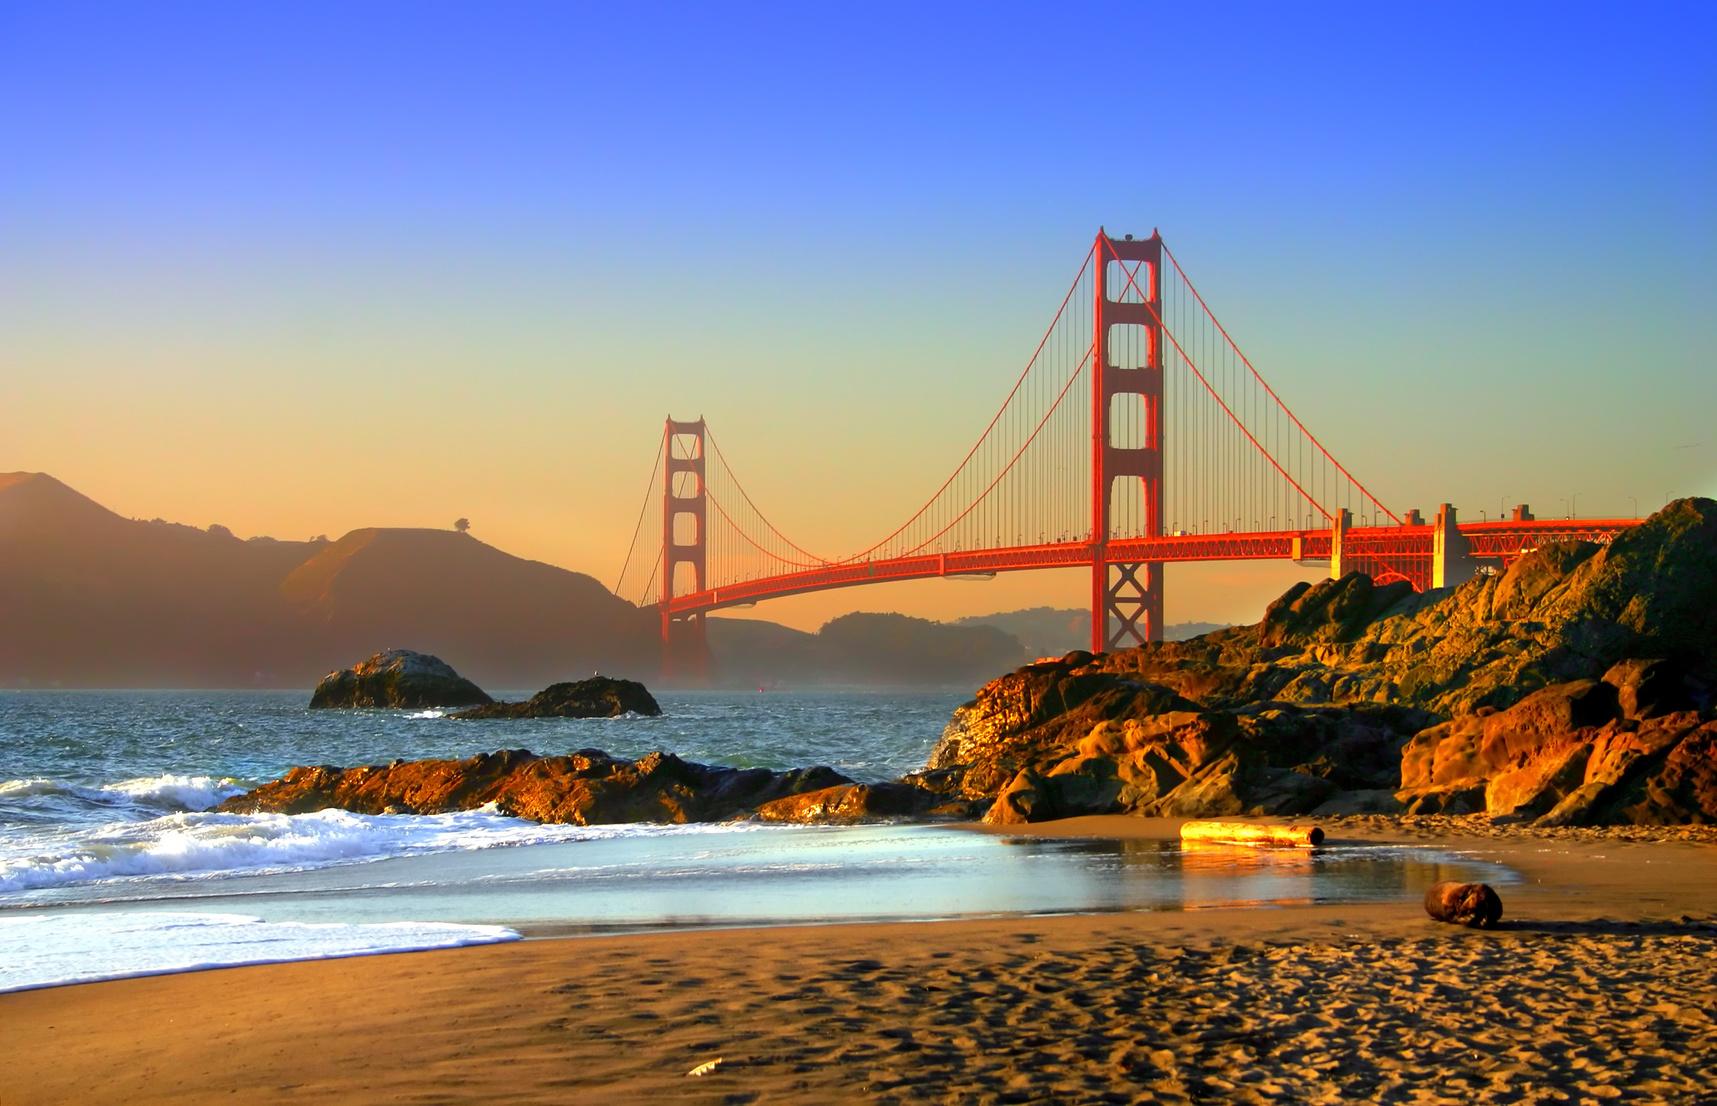 A legszebb strandok a világban - Baker Beach, San Francisco